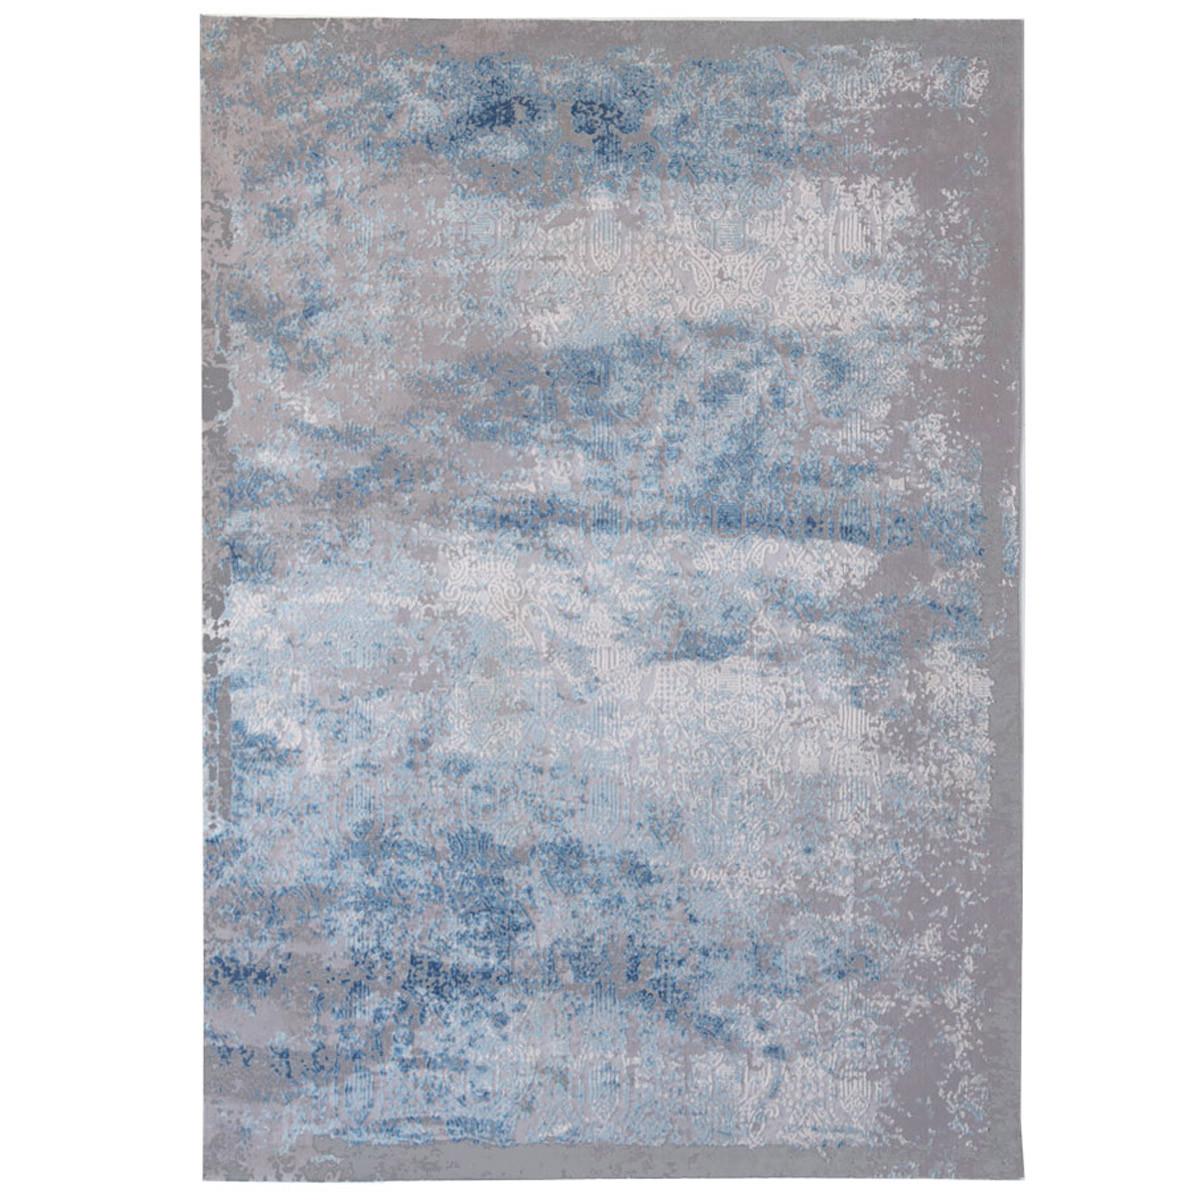 Χαλιά Κρεβατοκάμαρας (Σετ 3τμχ) Royal Carpets Vogue 227 Blue